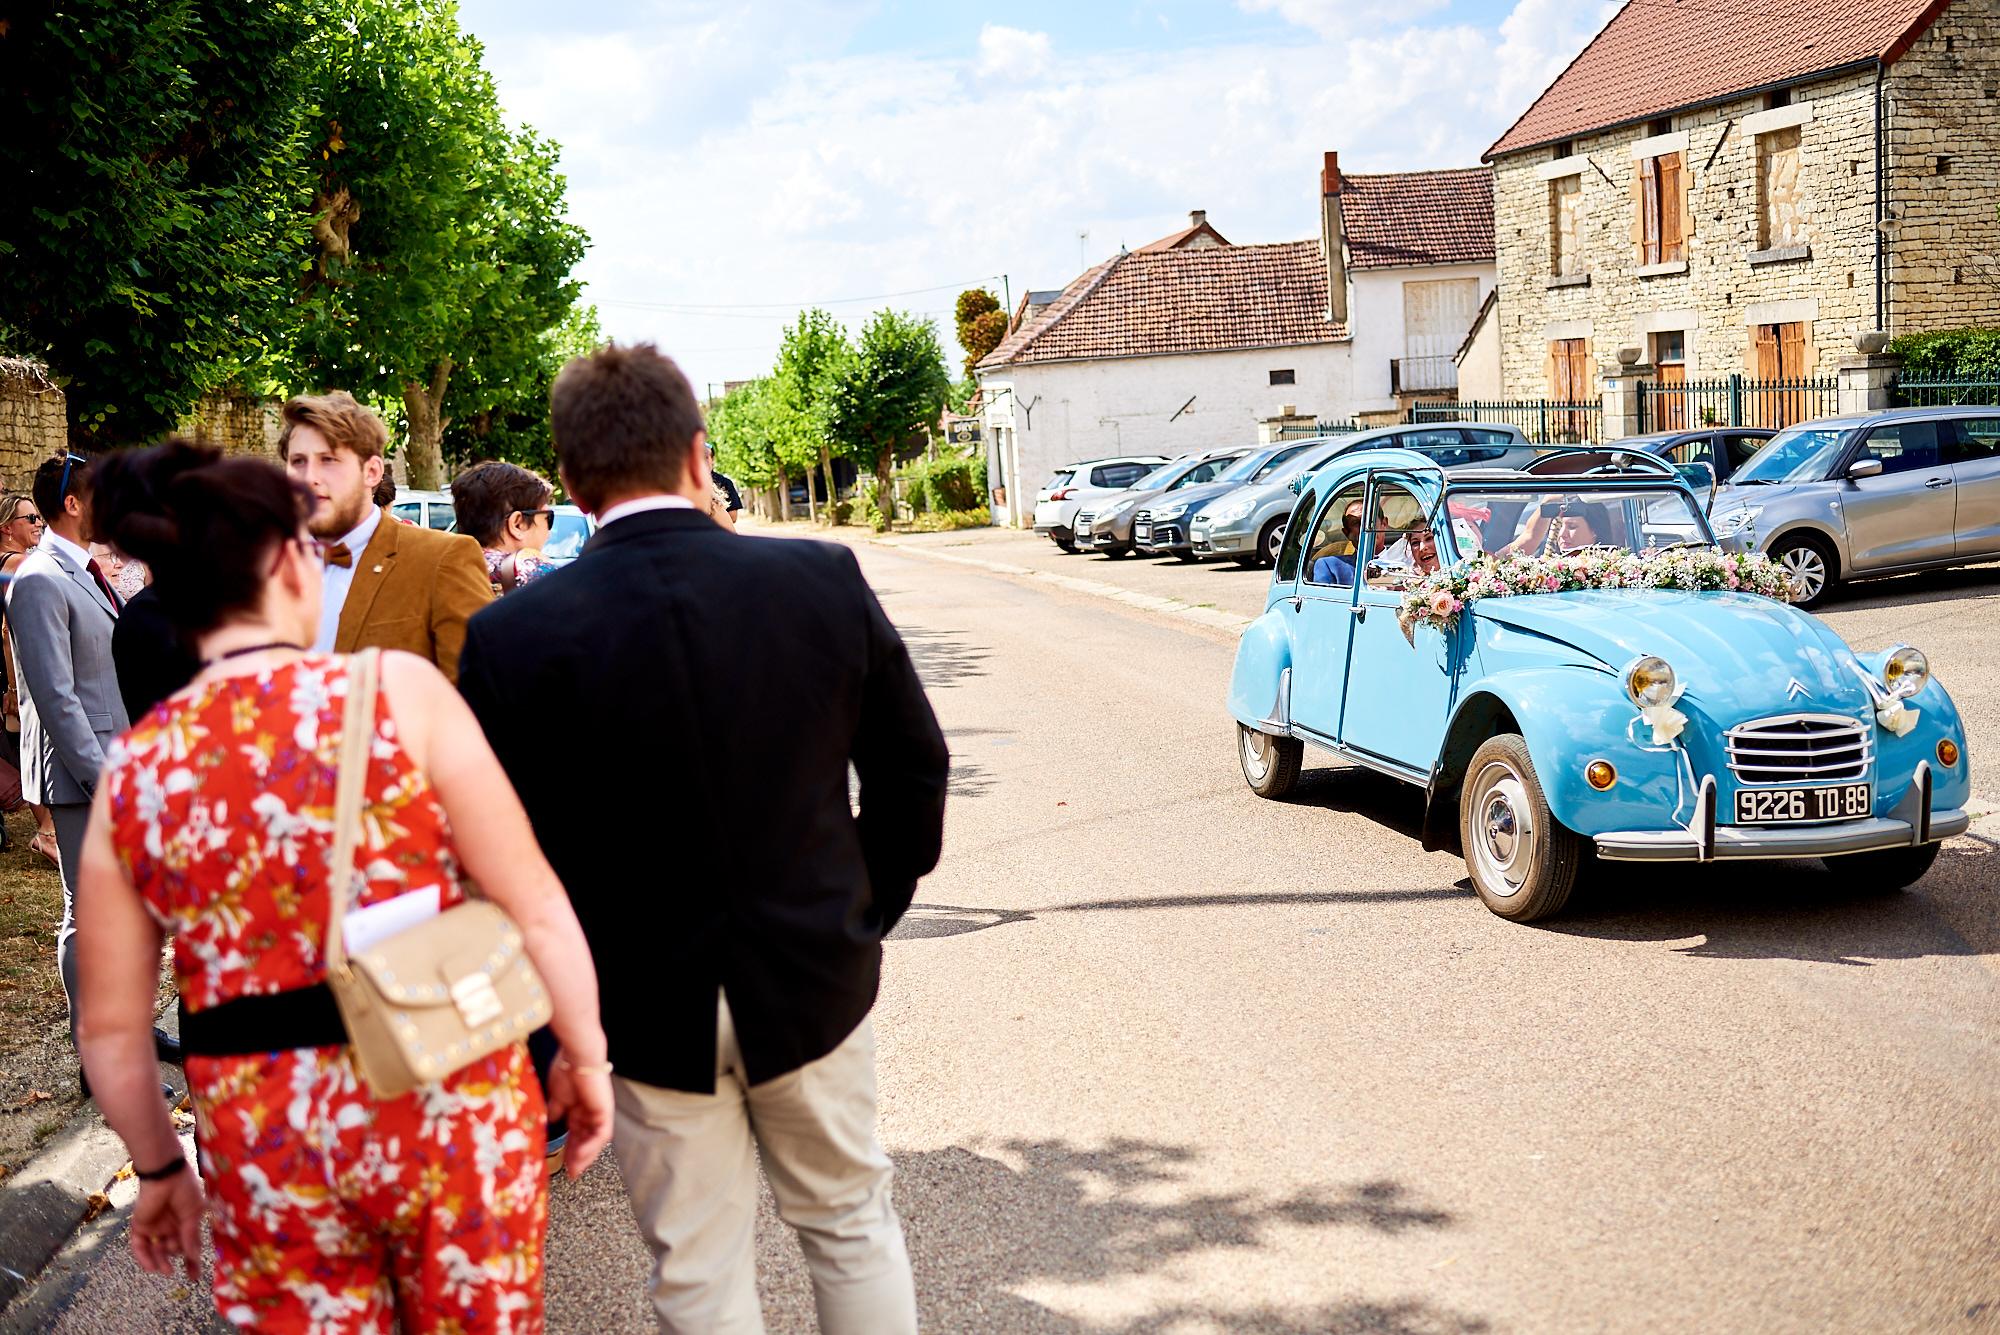 Photographe de mariage à Auxerre en Bourgogne-Franche-Comté | La mairie